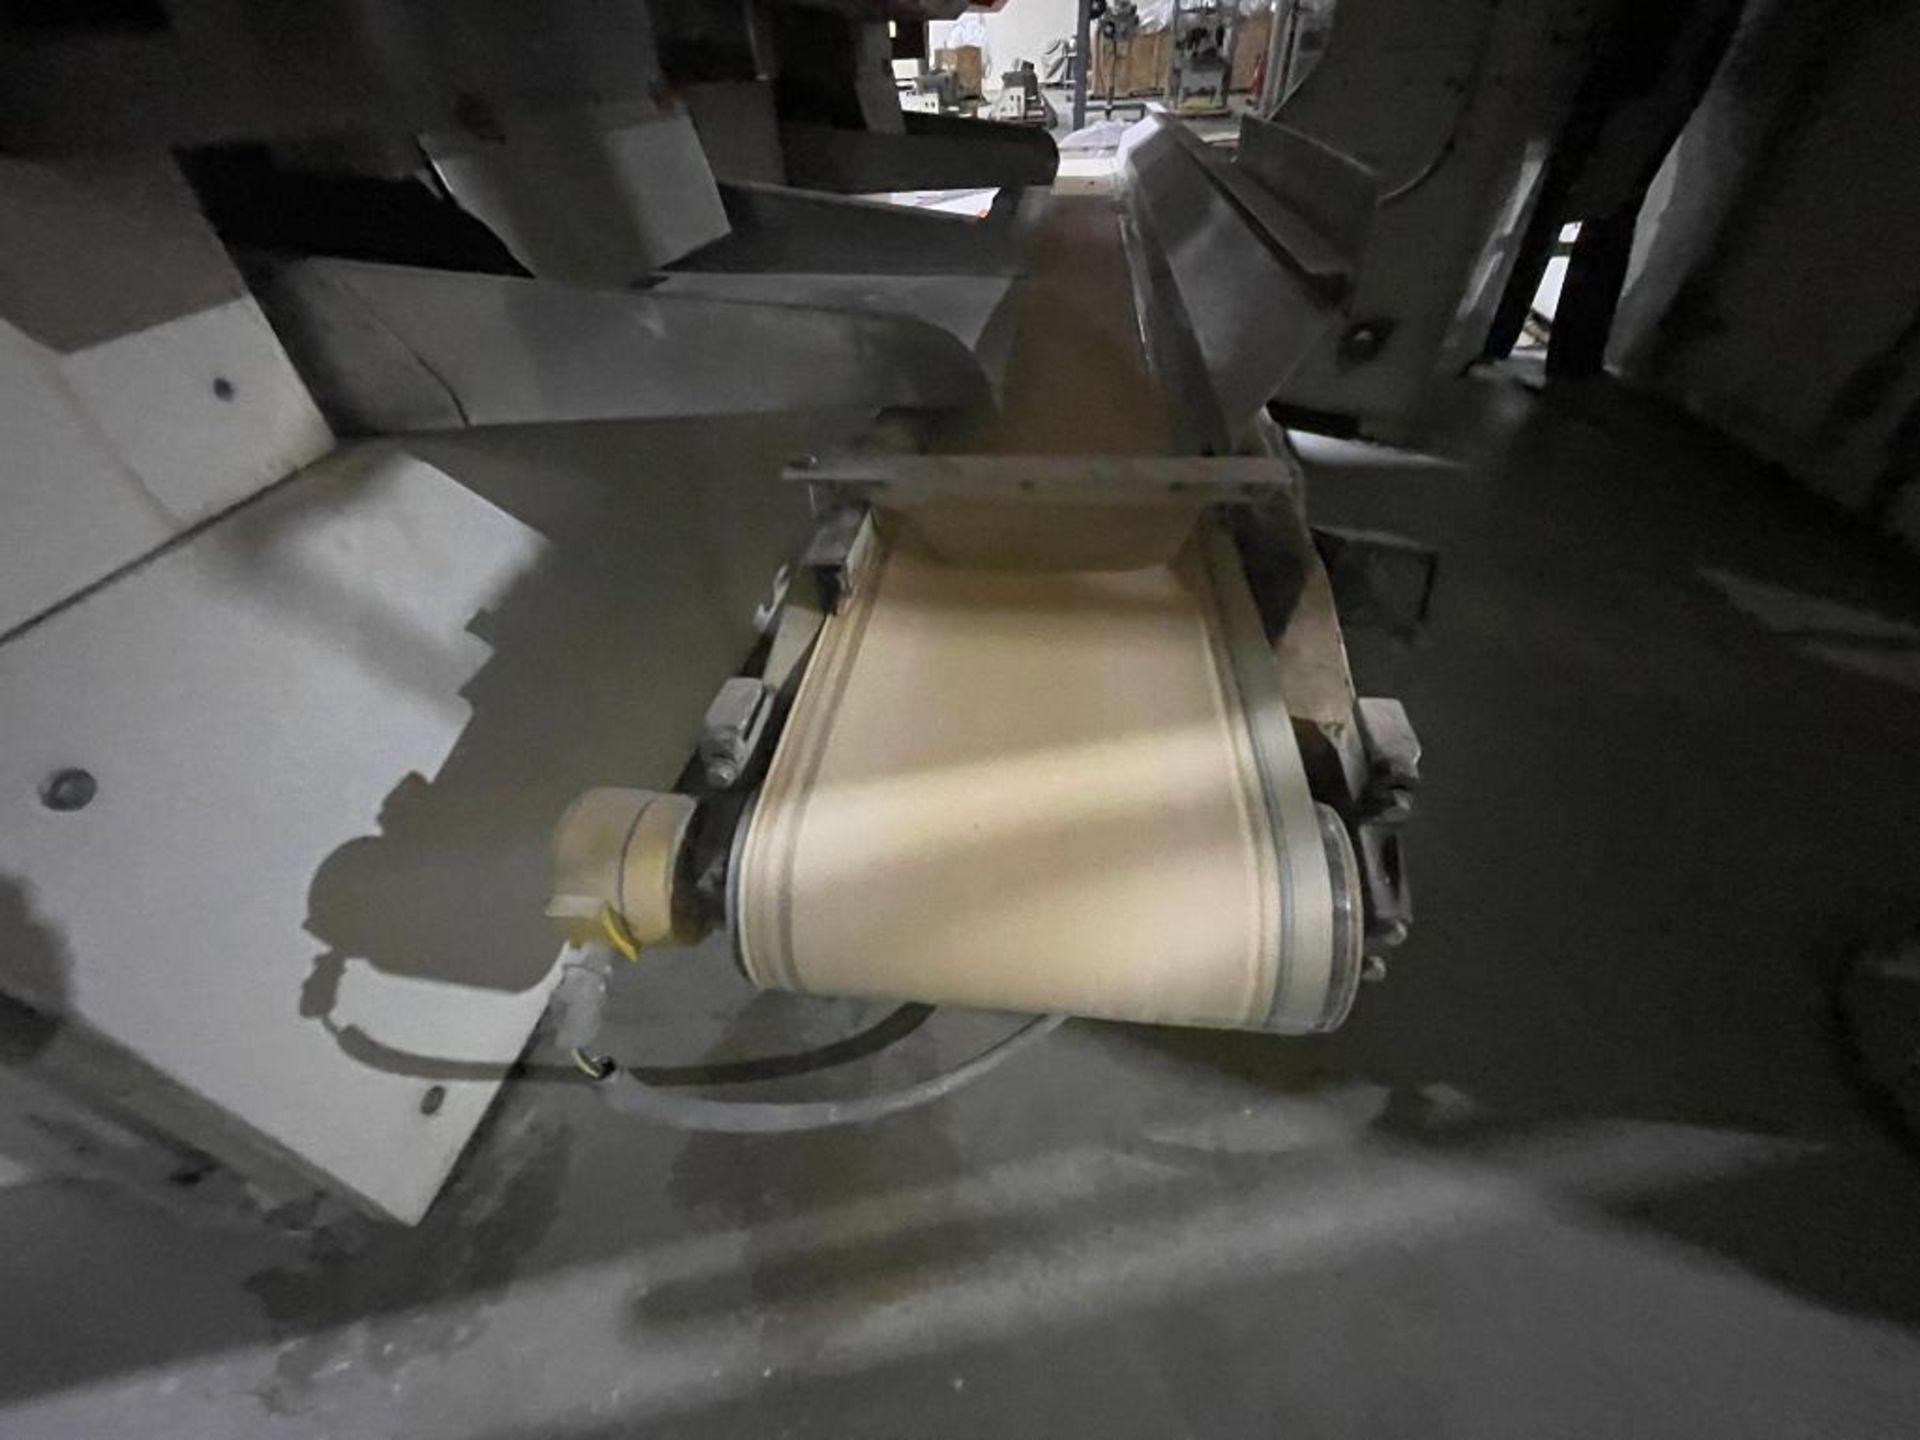 mild steel belt conveyor - Image 15 of 16